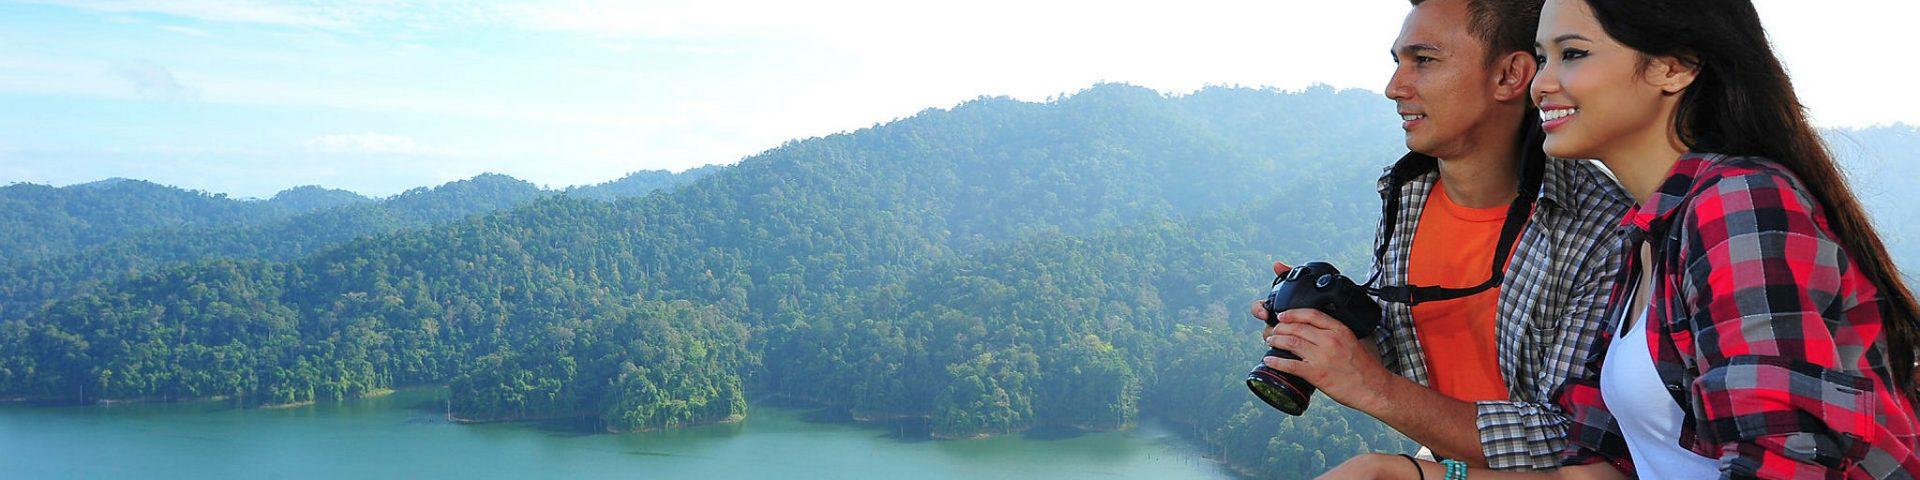 Royal Belum National Park (Foto: Tourism Malaysia)